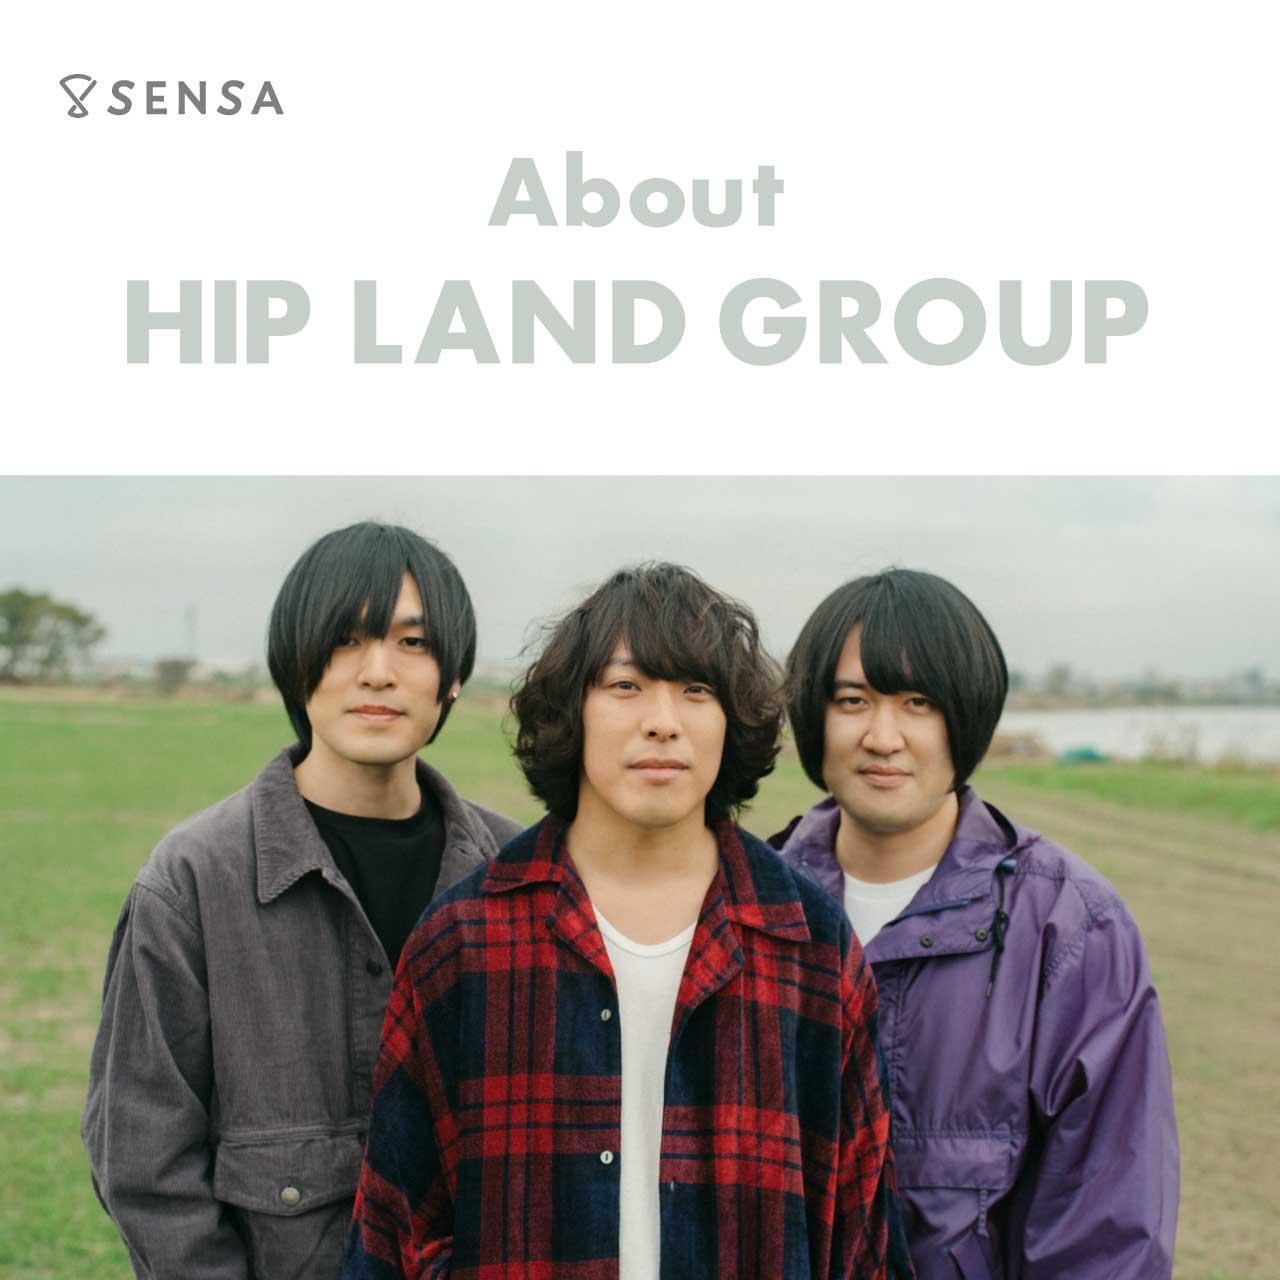 sensa_web_playlists_about_2003.jpg